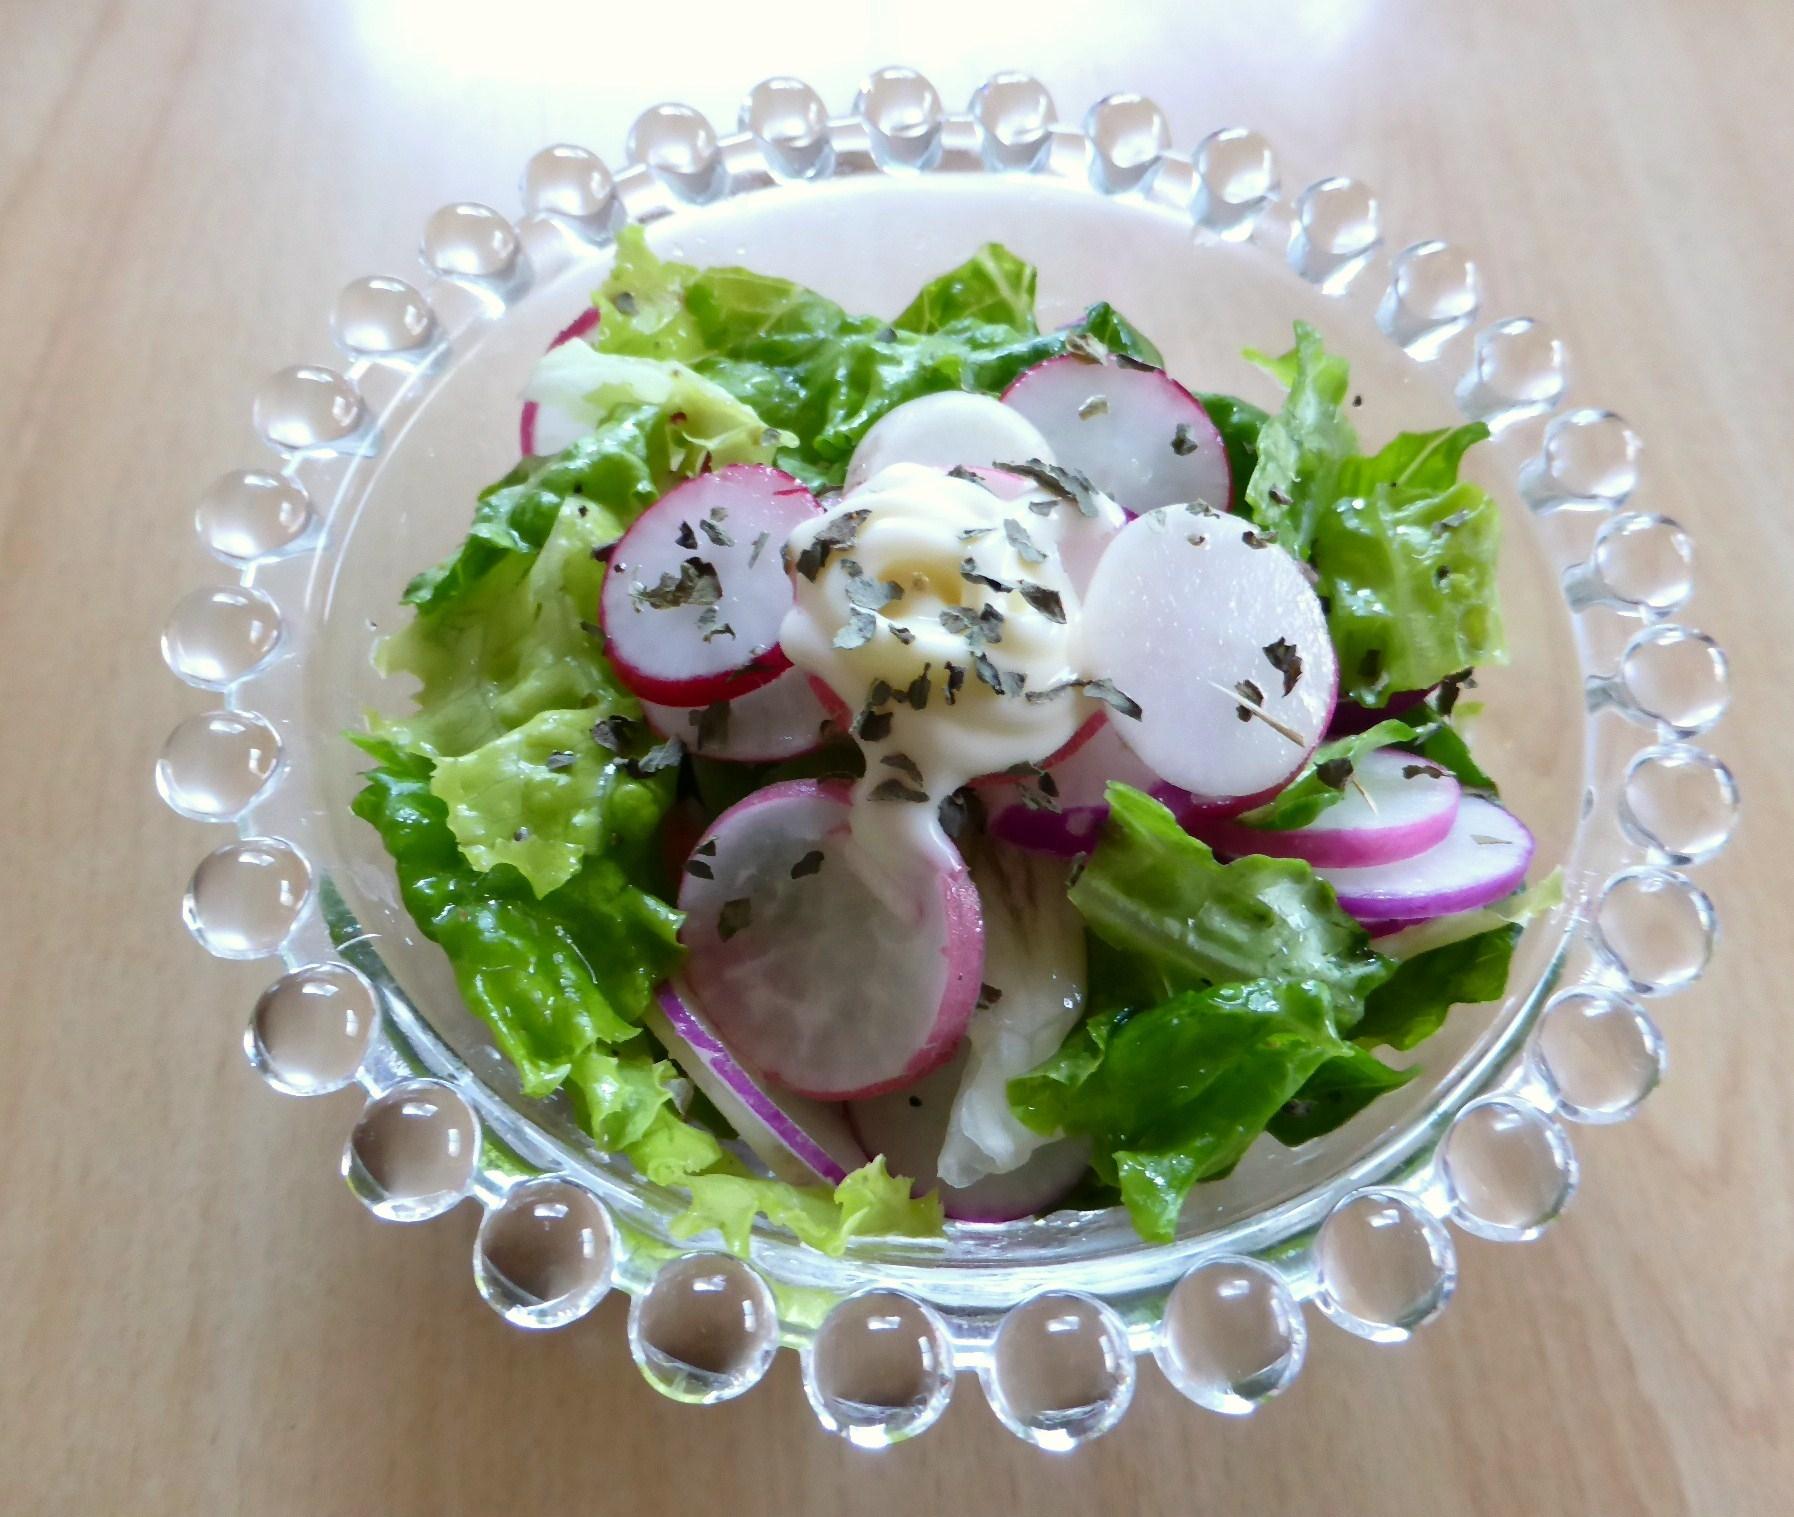 ラディッシュとリーフレタスのサラダ